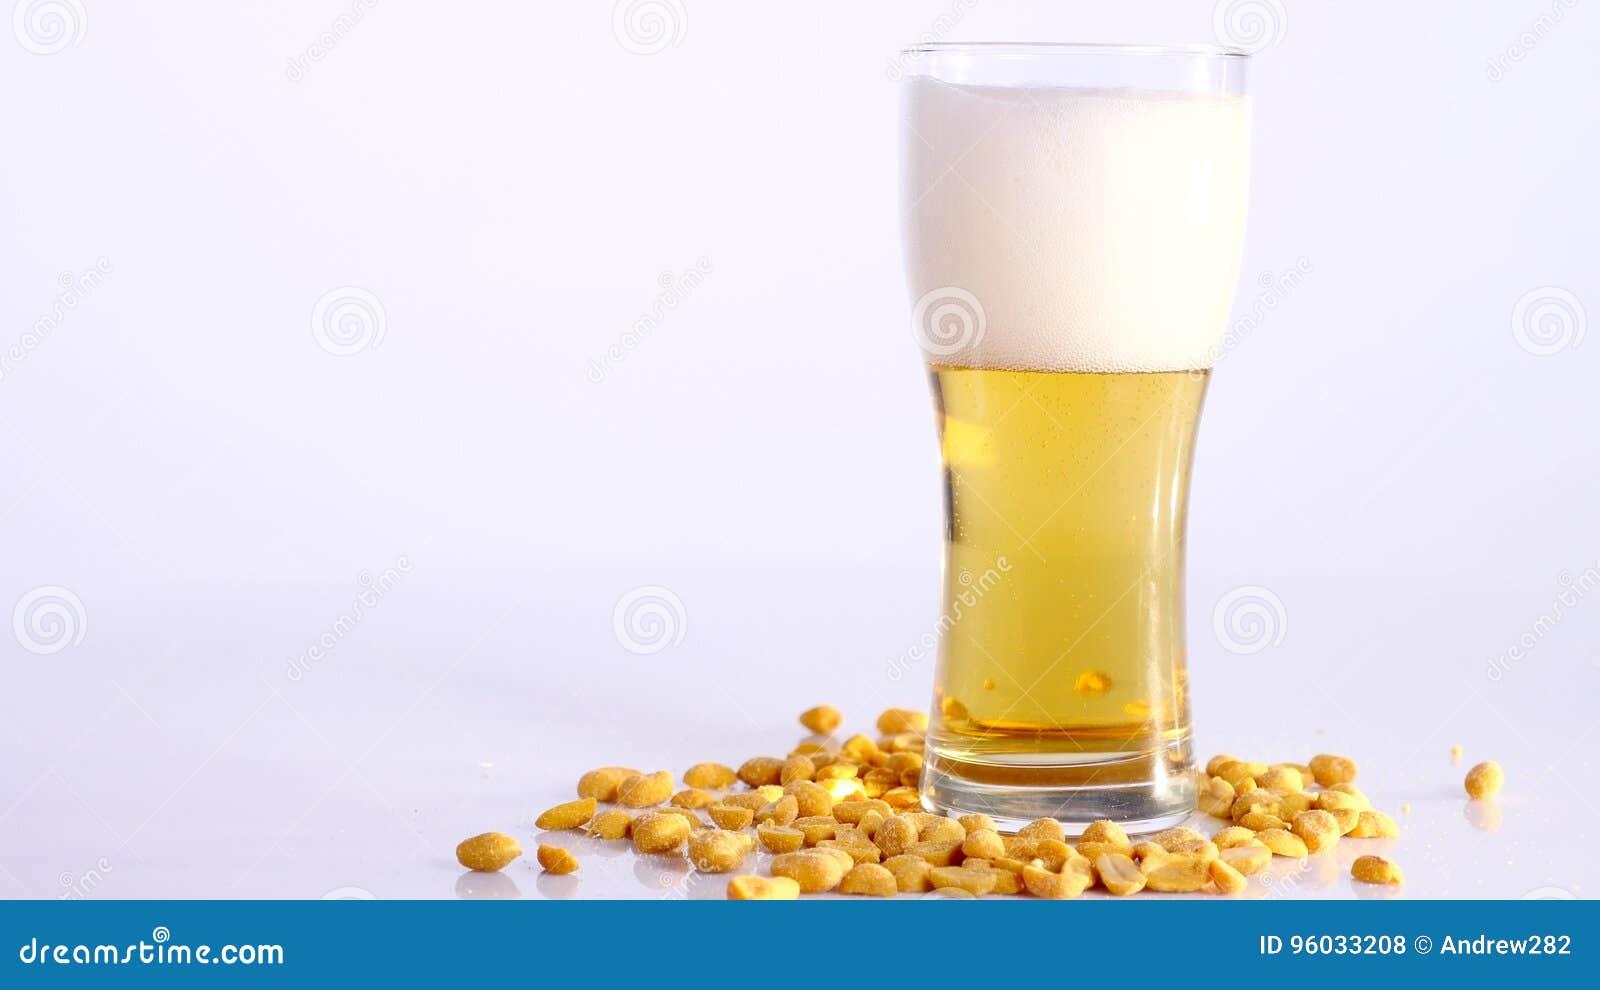 Piwo nalewa w szkło na białym tle z Kiszonymi arachidami